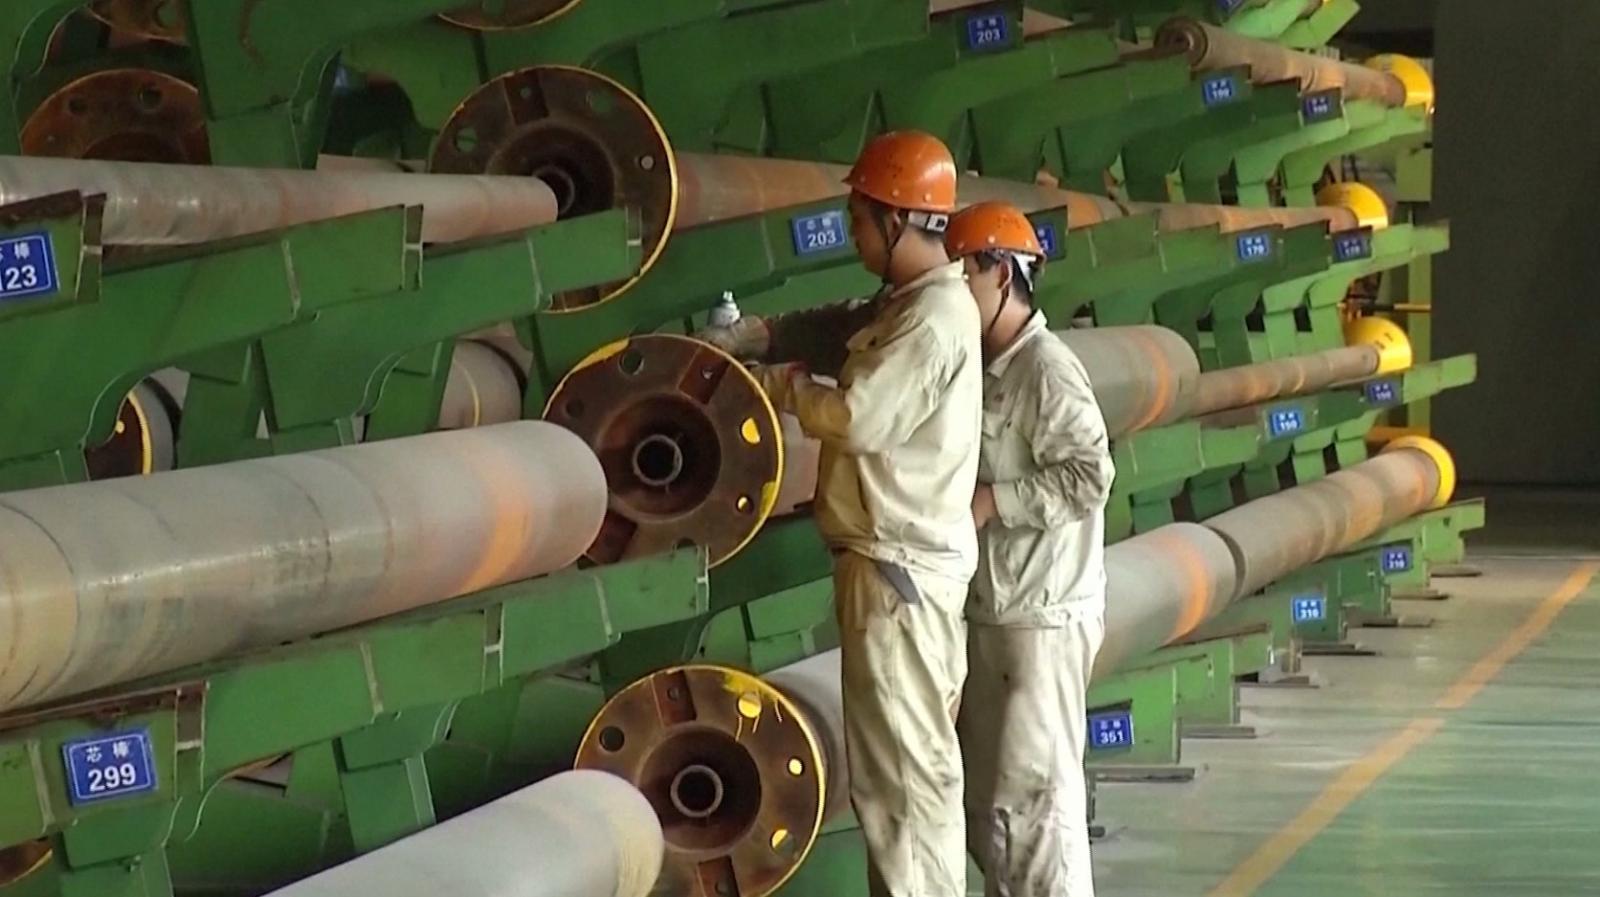 จีนออกวีซ่า 10 ปี หวังดึงดูดแรงงานทักษะสูง